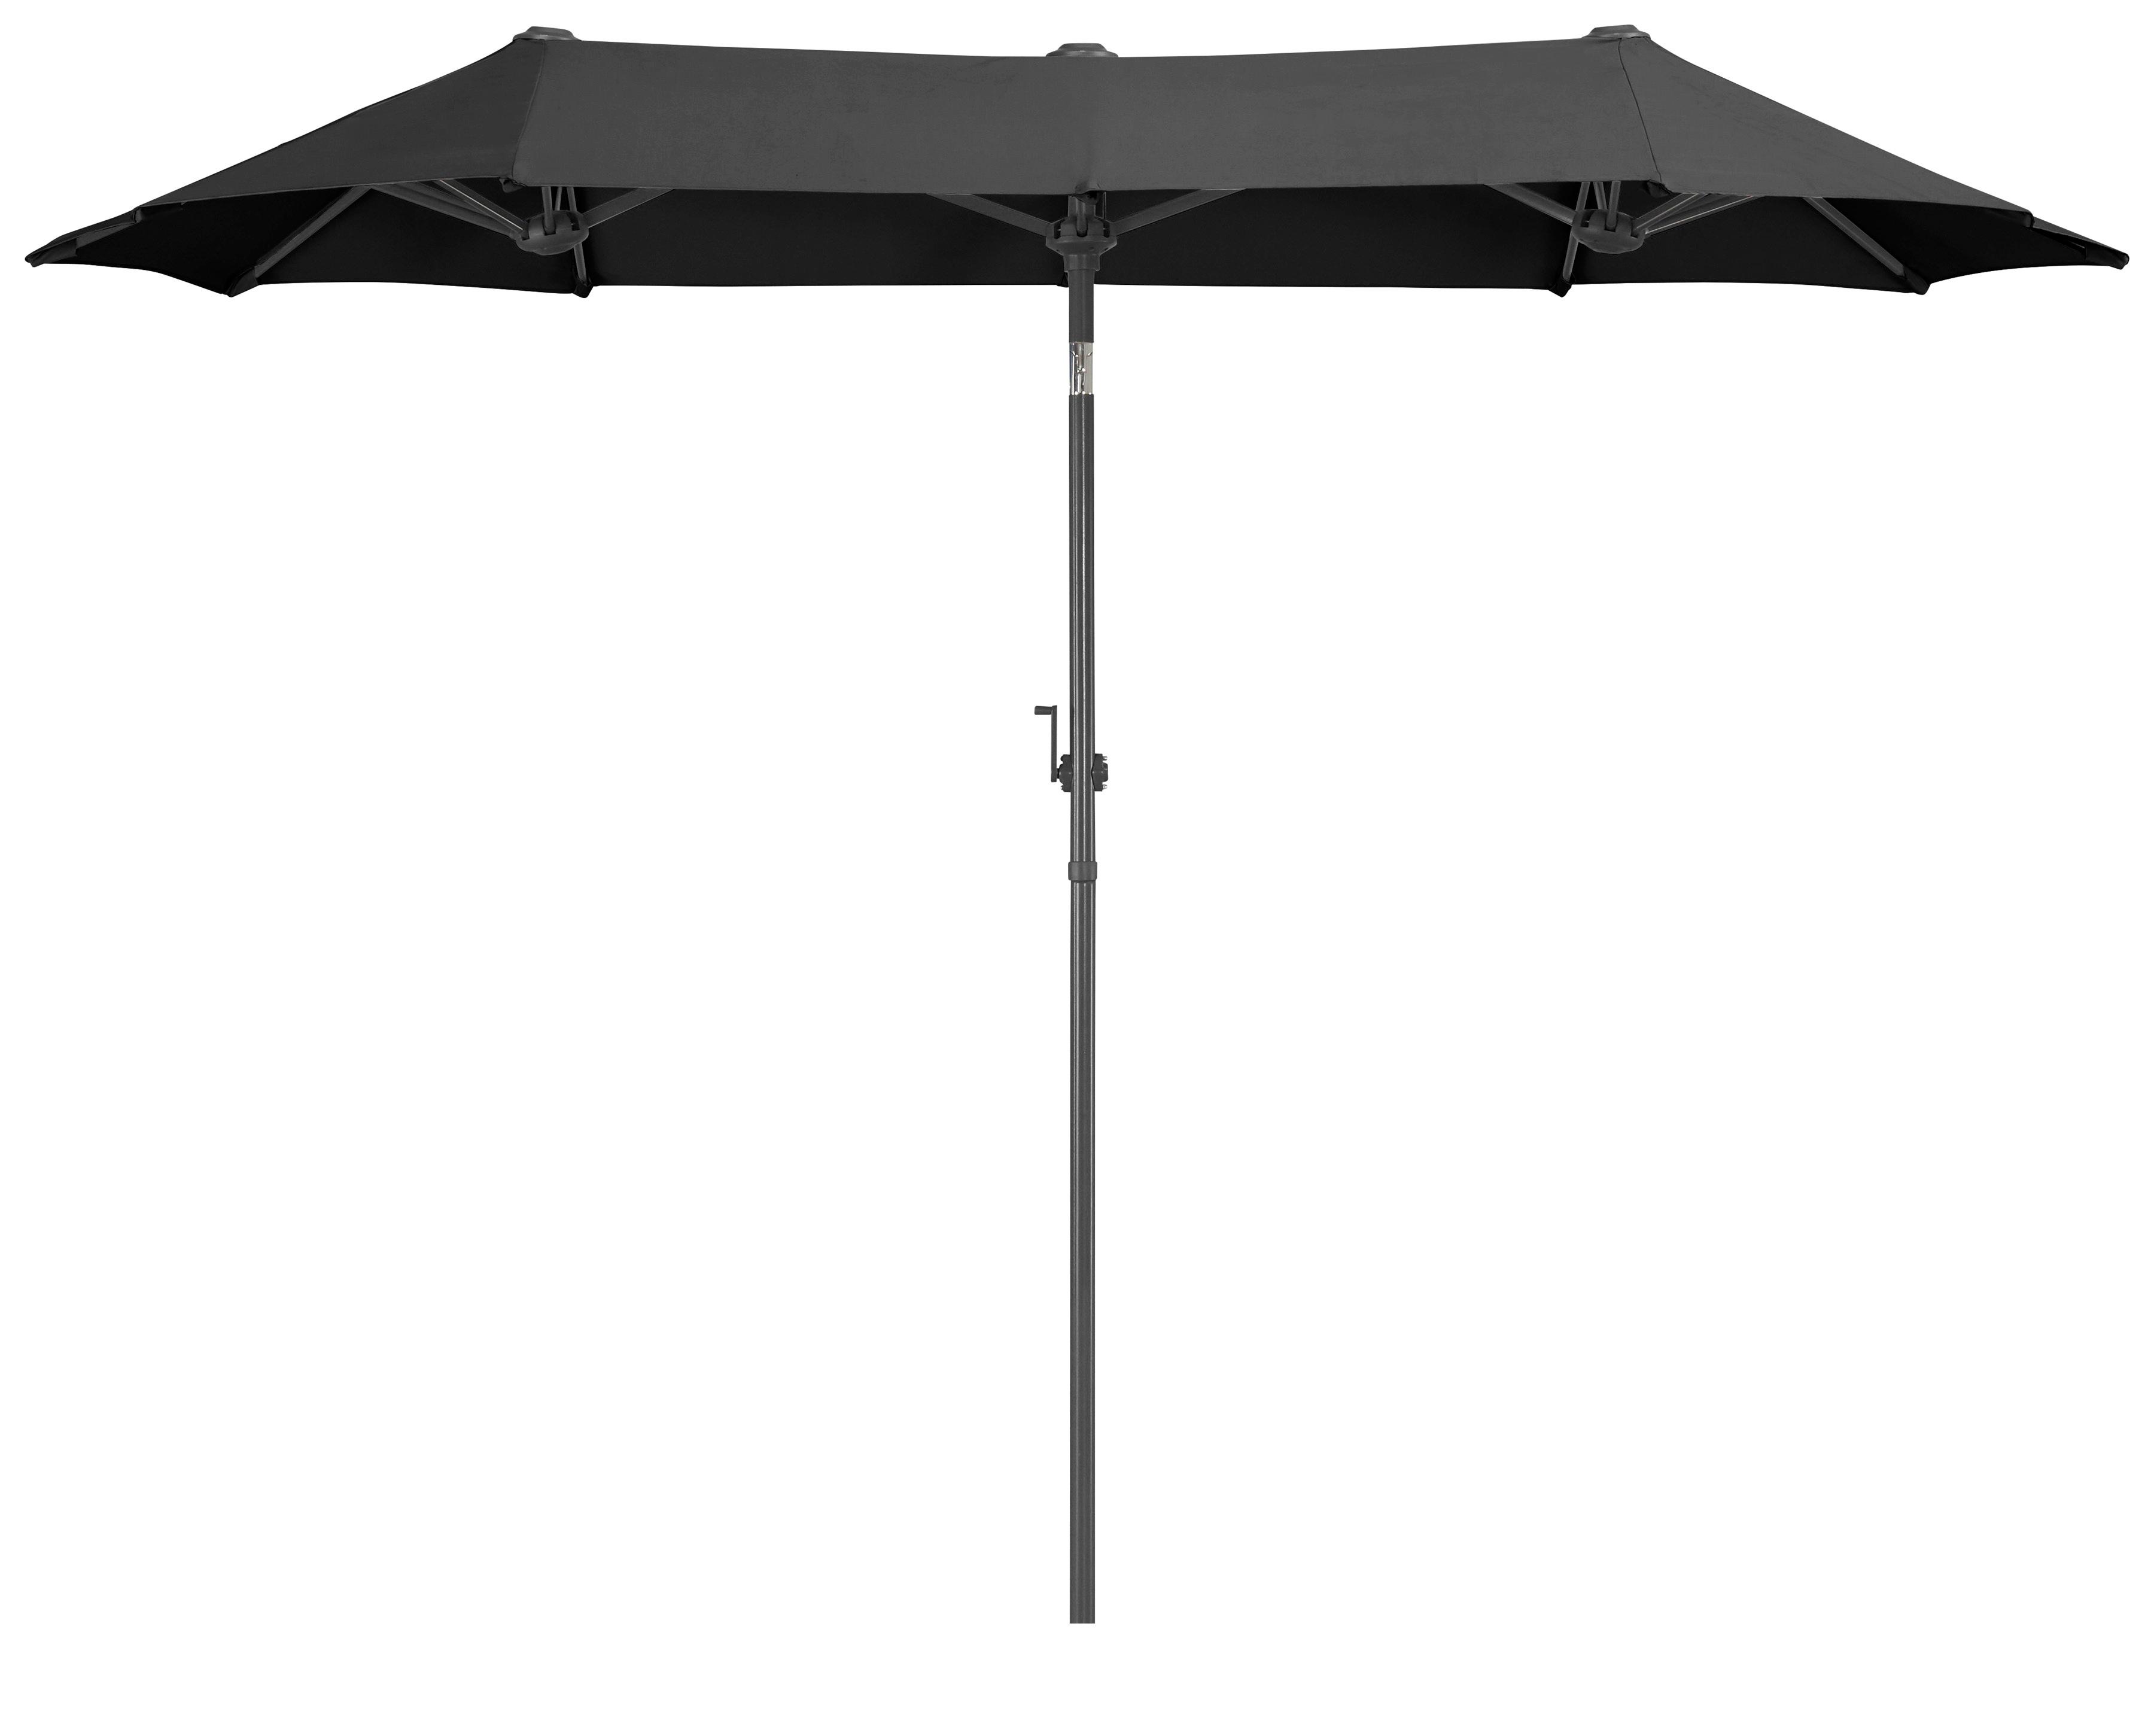 garten gut Sonnenschirm Malaga, Inkl. Schutzhülle, ohne Schirmständer grau Sonnenschirme -segel Gartenmöbel Gartendeko